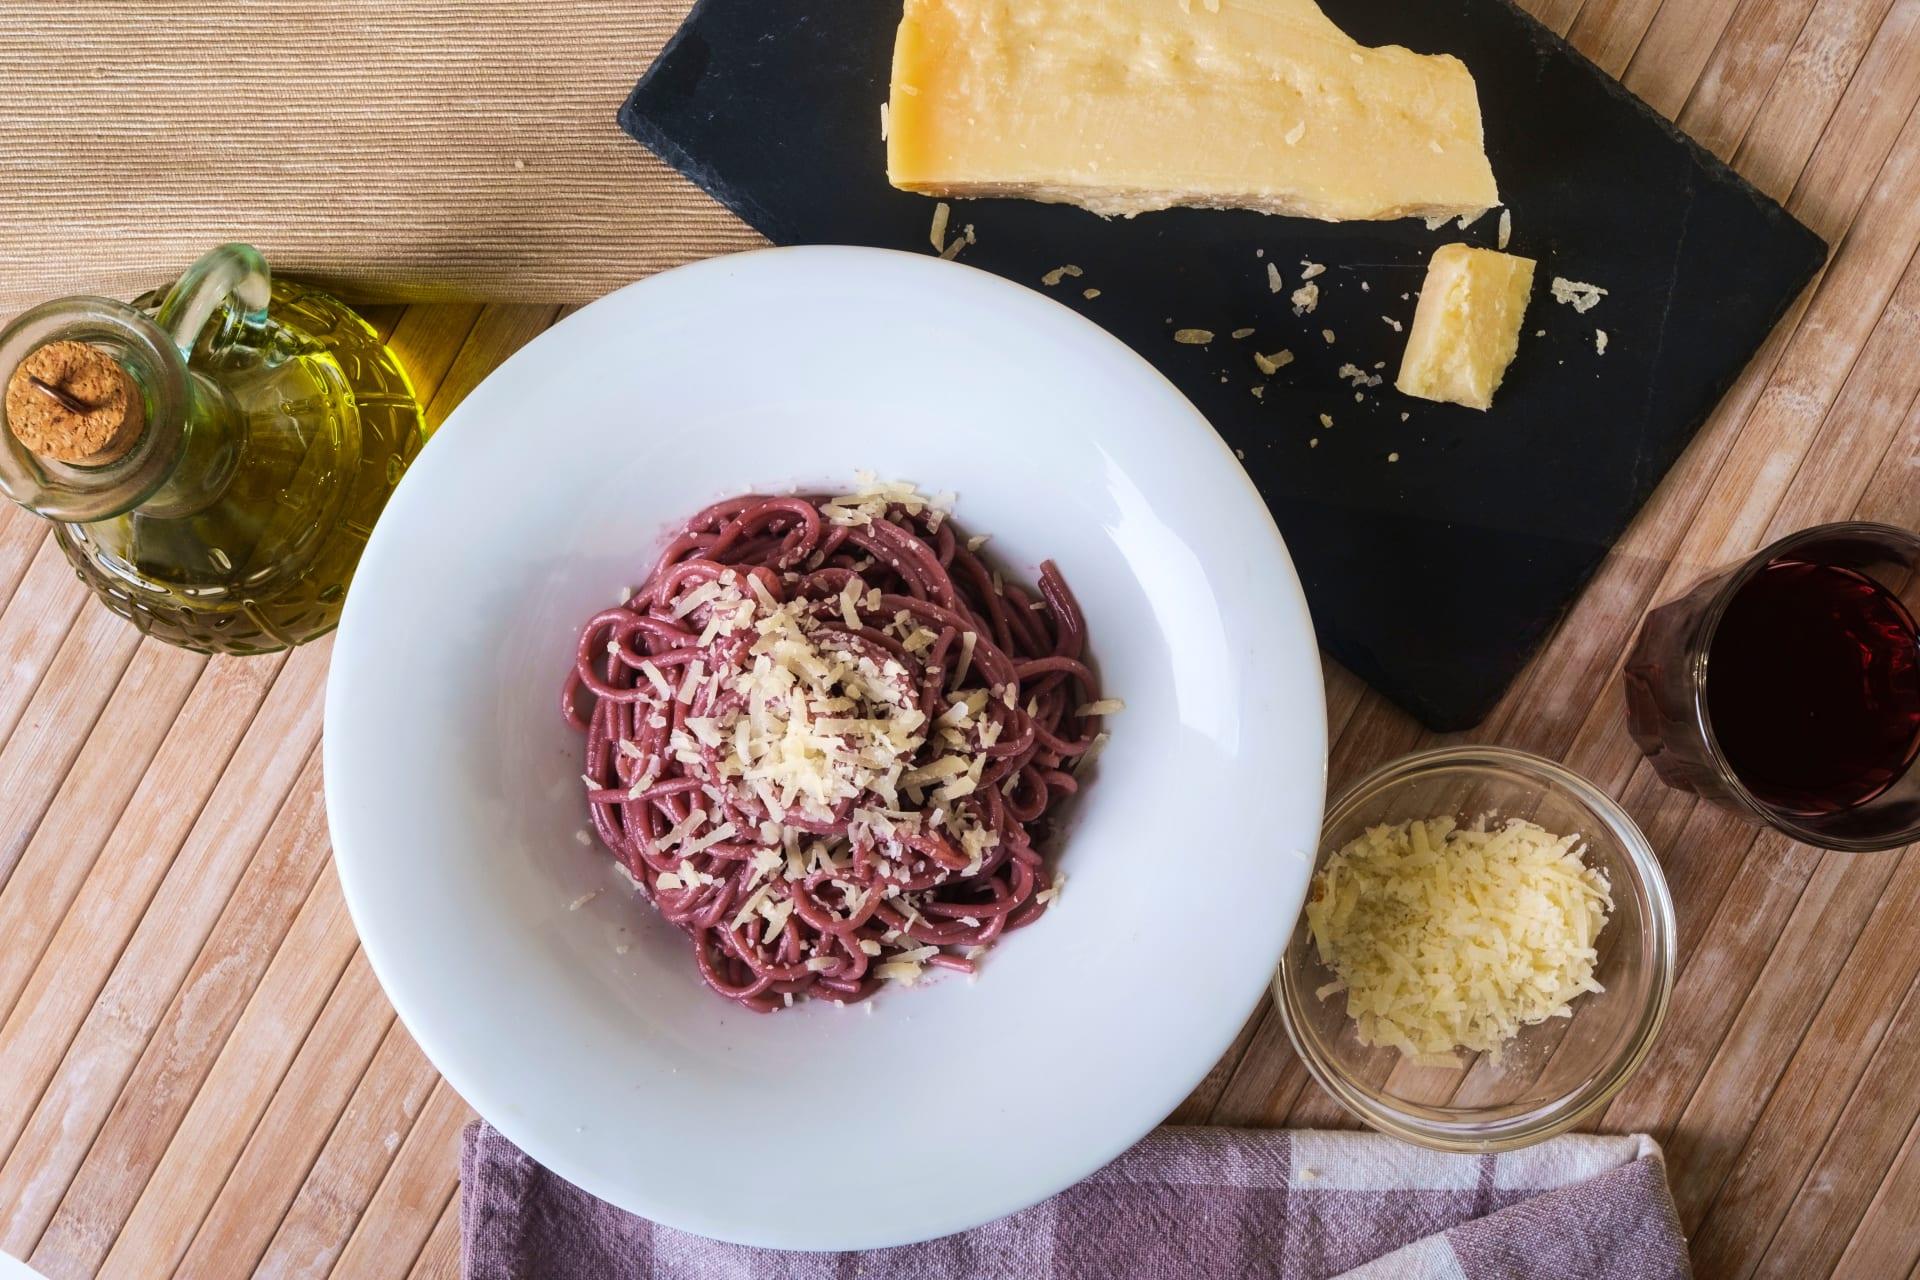 Rome - Drunken Spaghetti